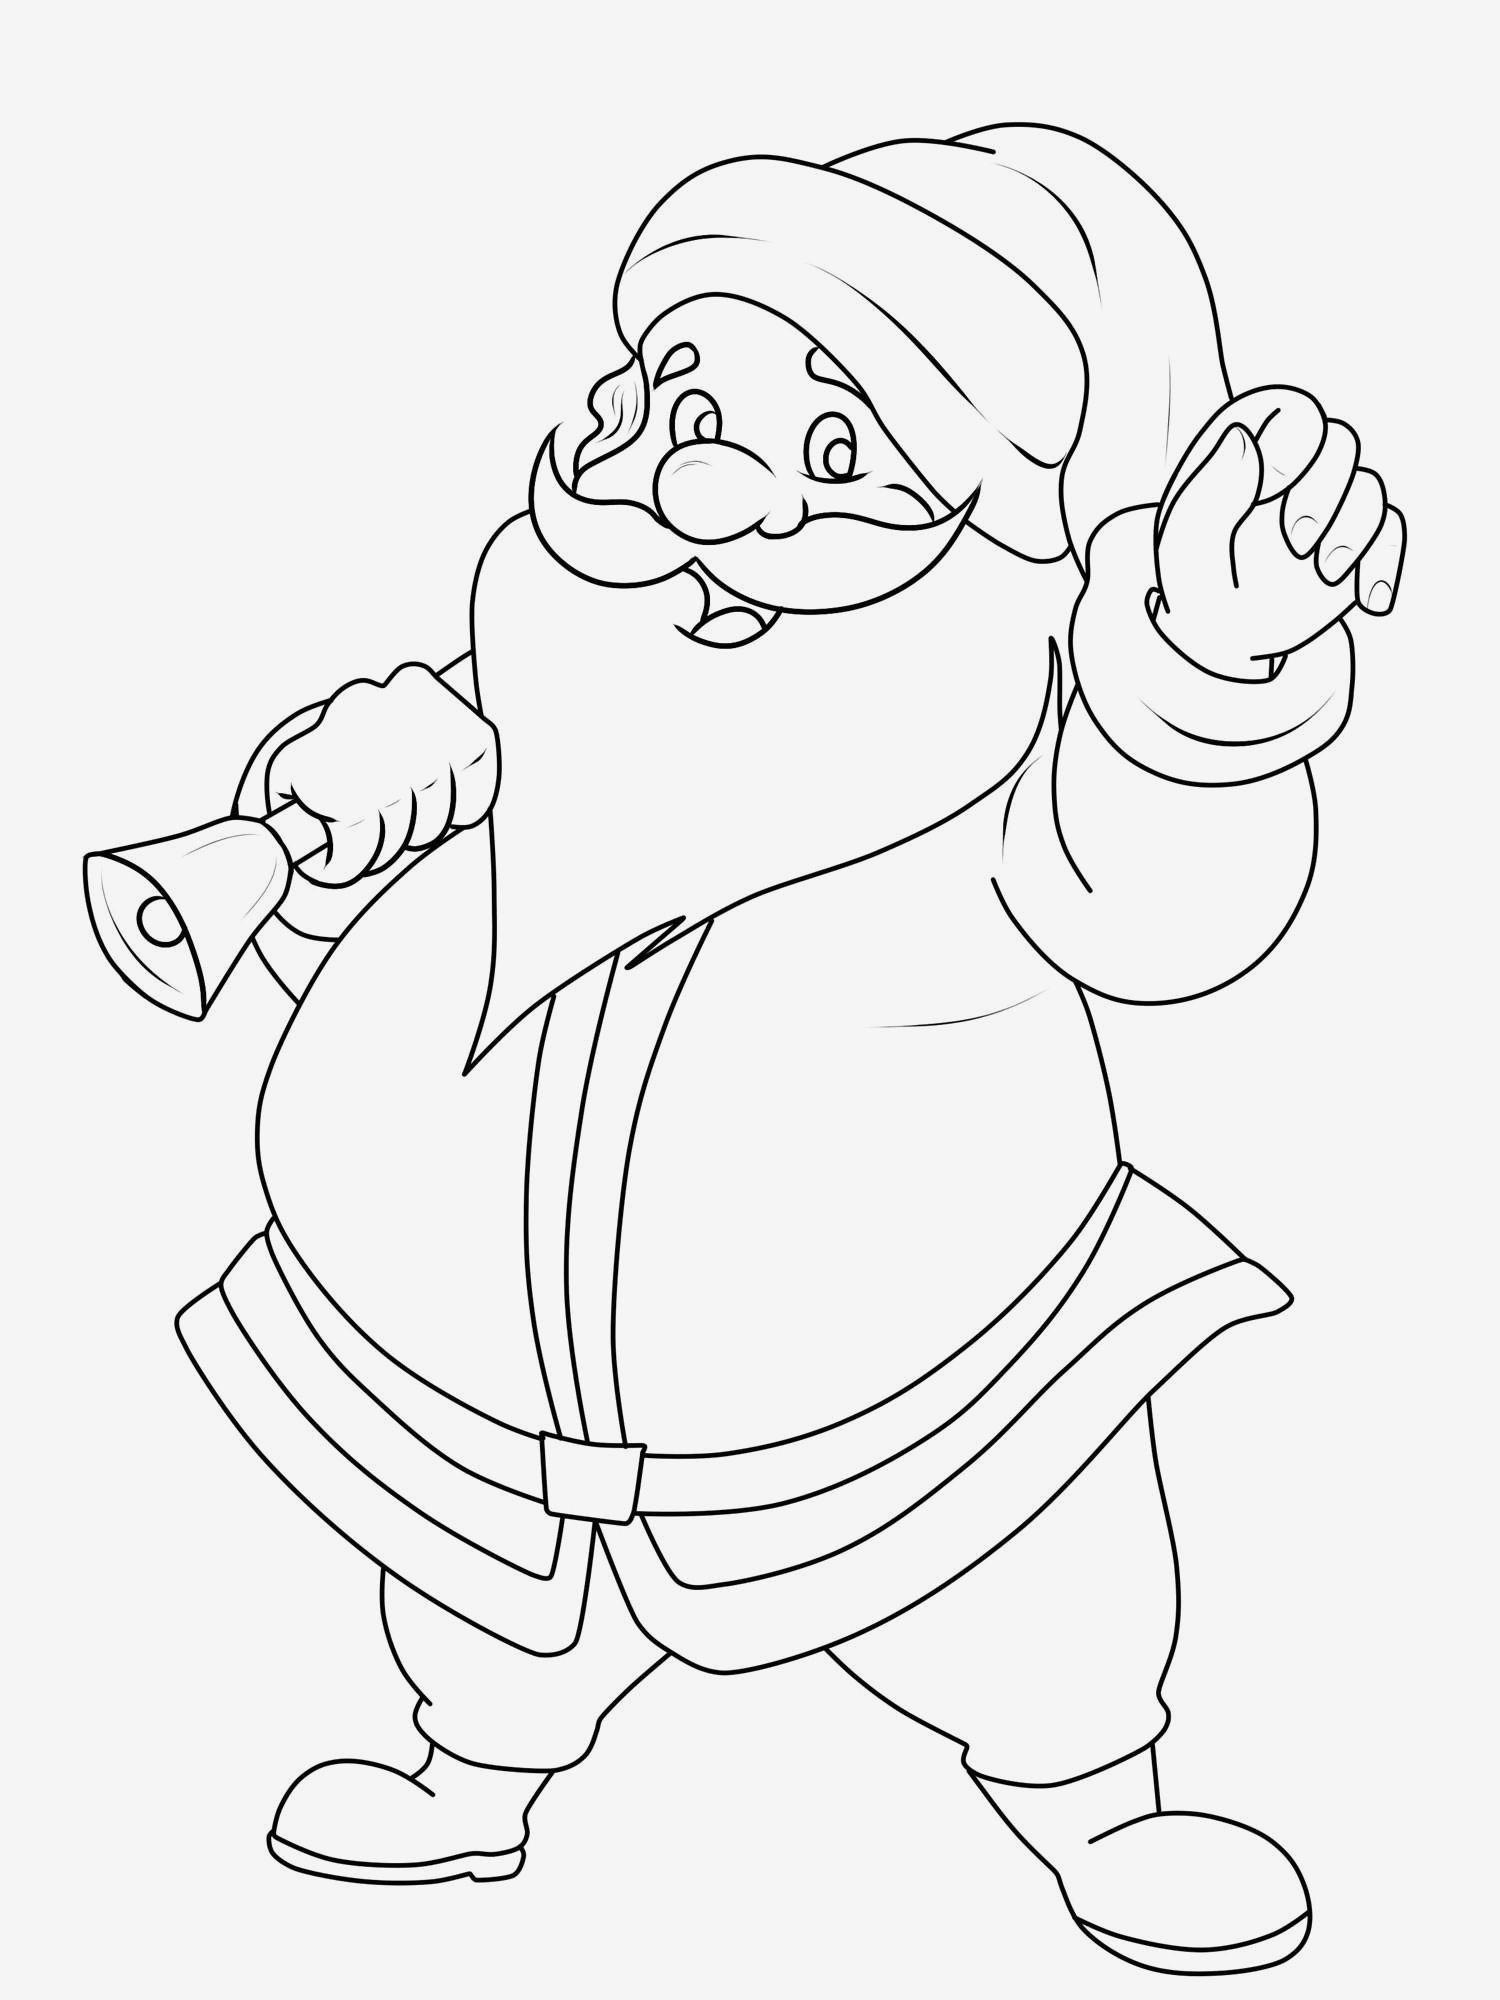 Weihnachtsmann Zum Ausmalen – Ausmalbildpilz über Ausmalbilder Weihnachtsmann Mit Schlitten